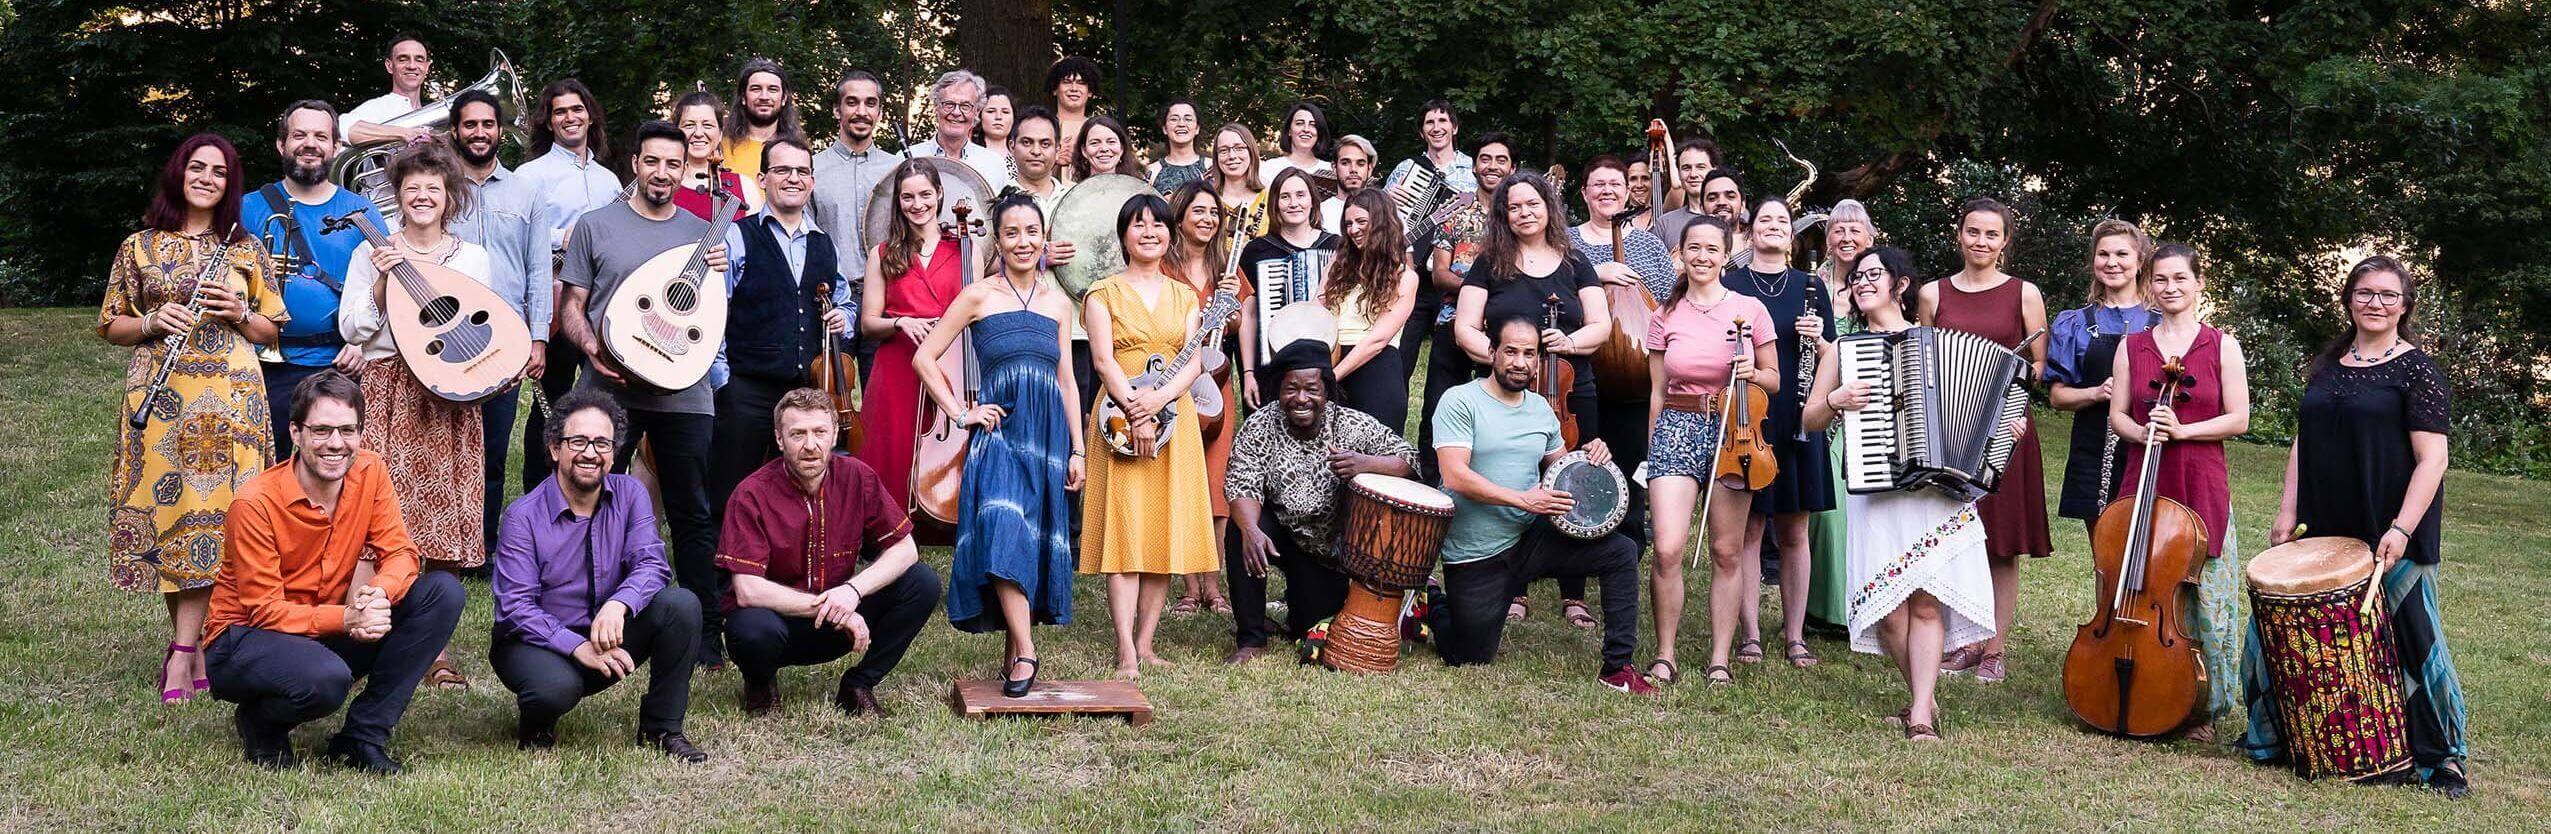 Webansicht Gruppenbild Orchester Klänge der Hoffnung_Foto von Jens Klein_bearbeitet_compr